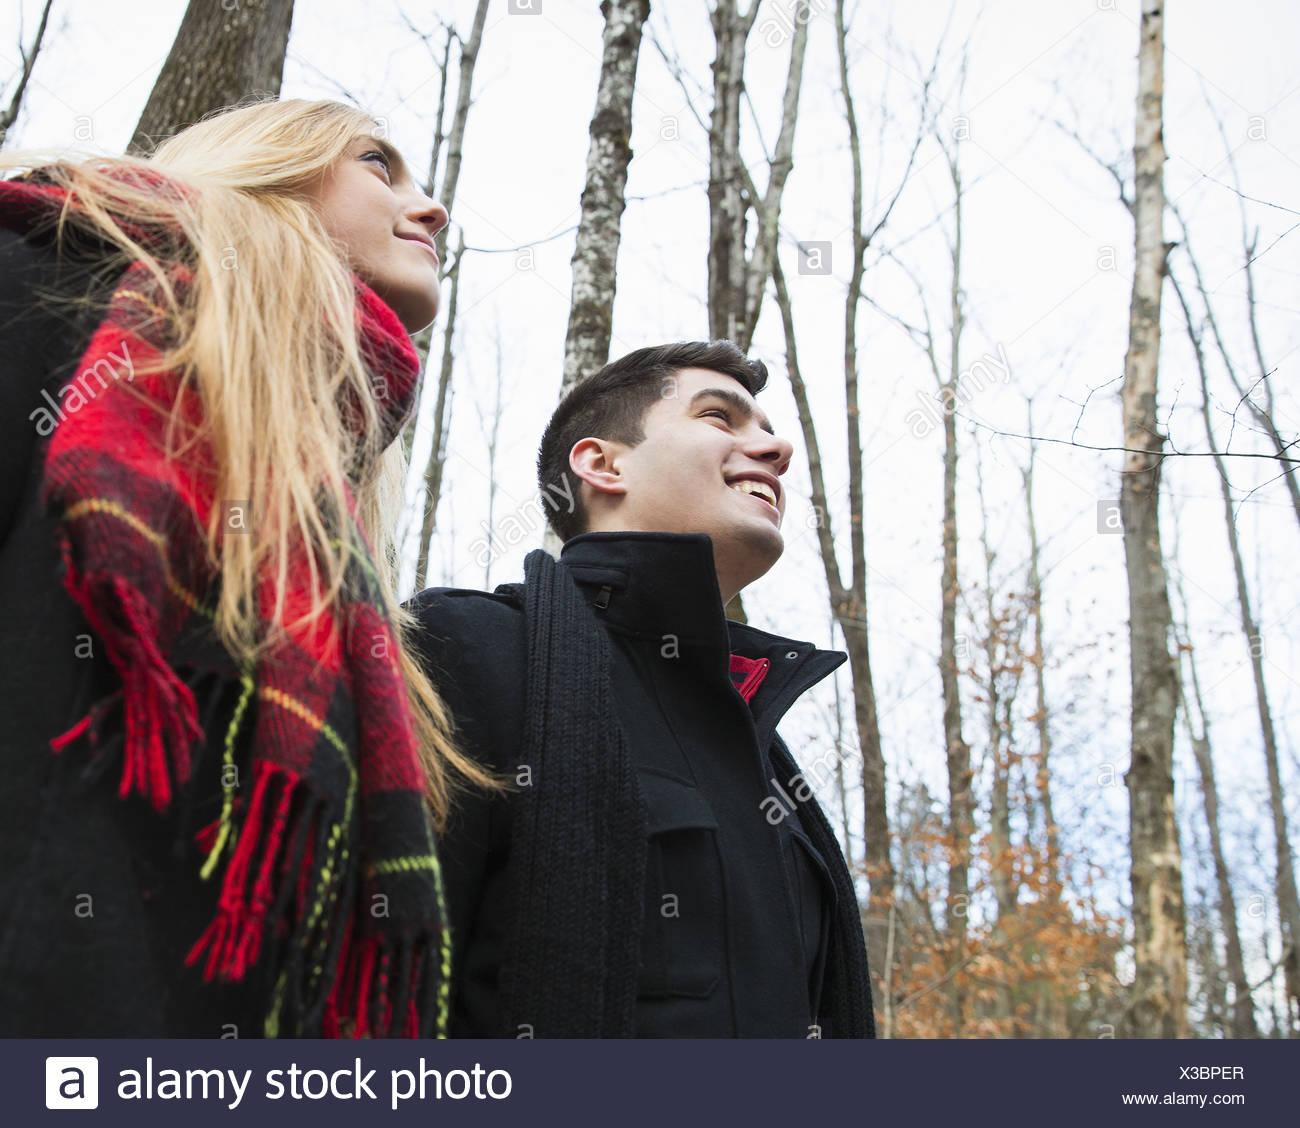 Un couple dans des manteaux d'hiver à l'extérieur, un jour d'hiver. Photo Stock